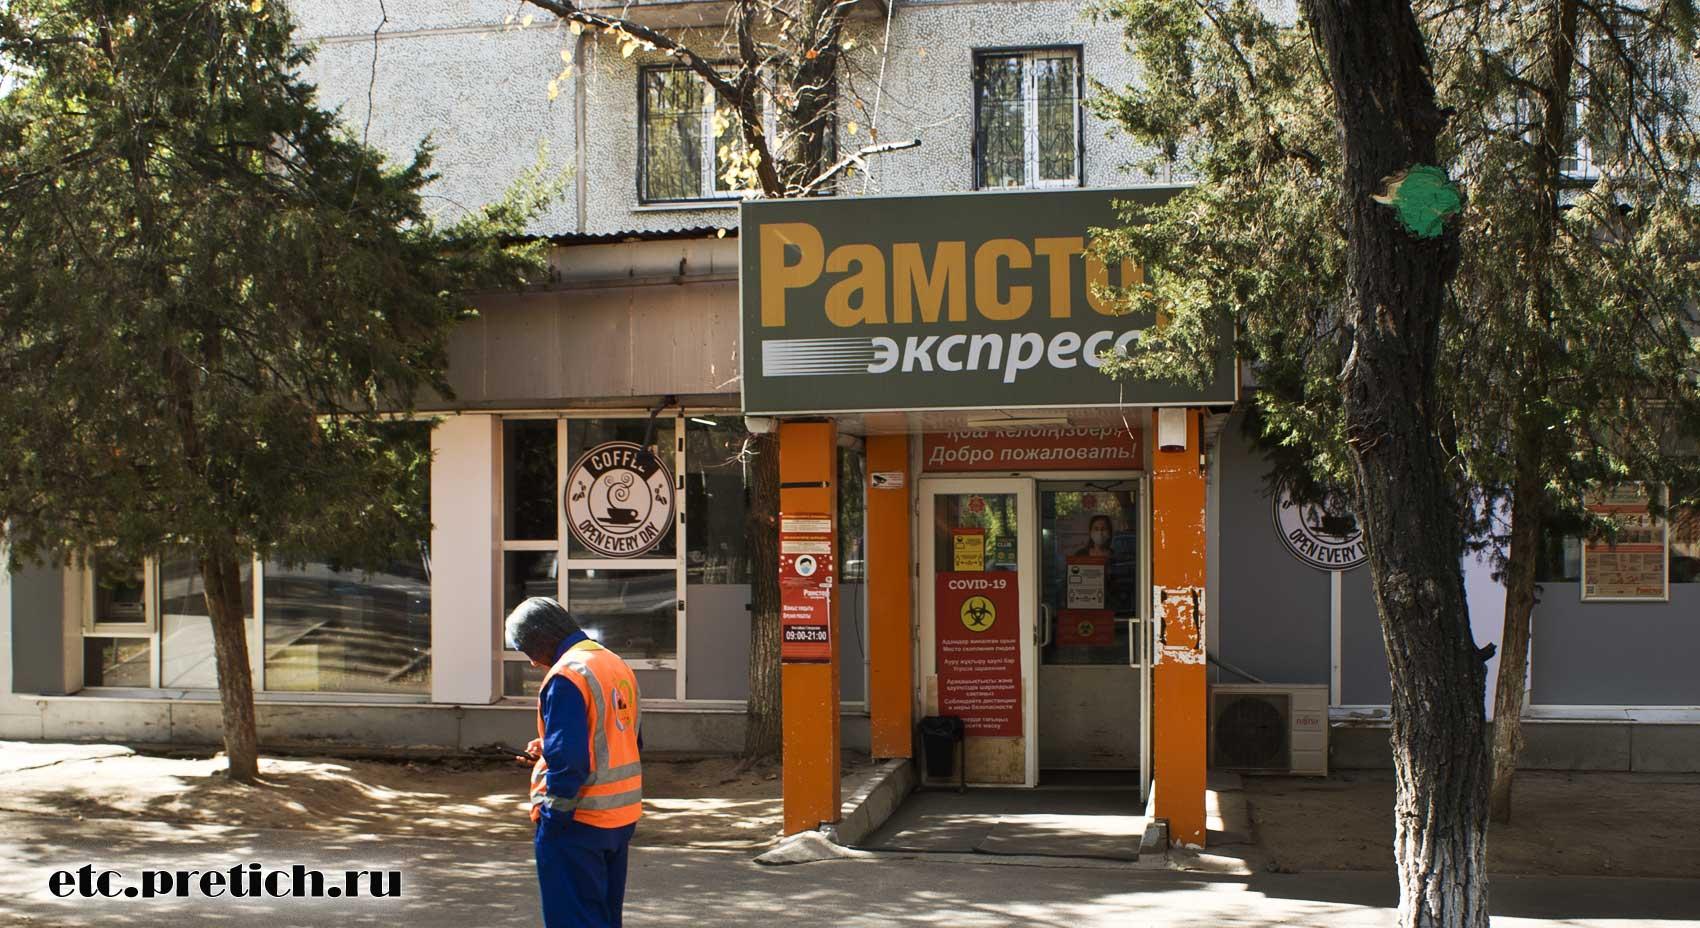 Рамстор Экспресс по Навои в Орбите-2, закрытие сети магазинов